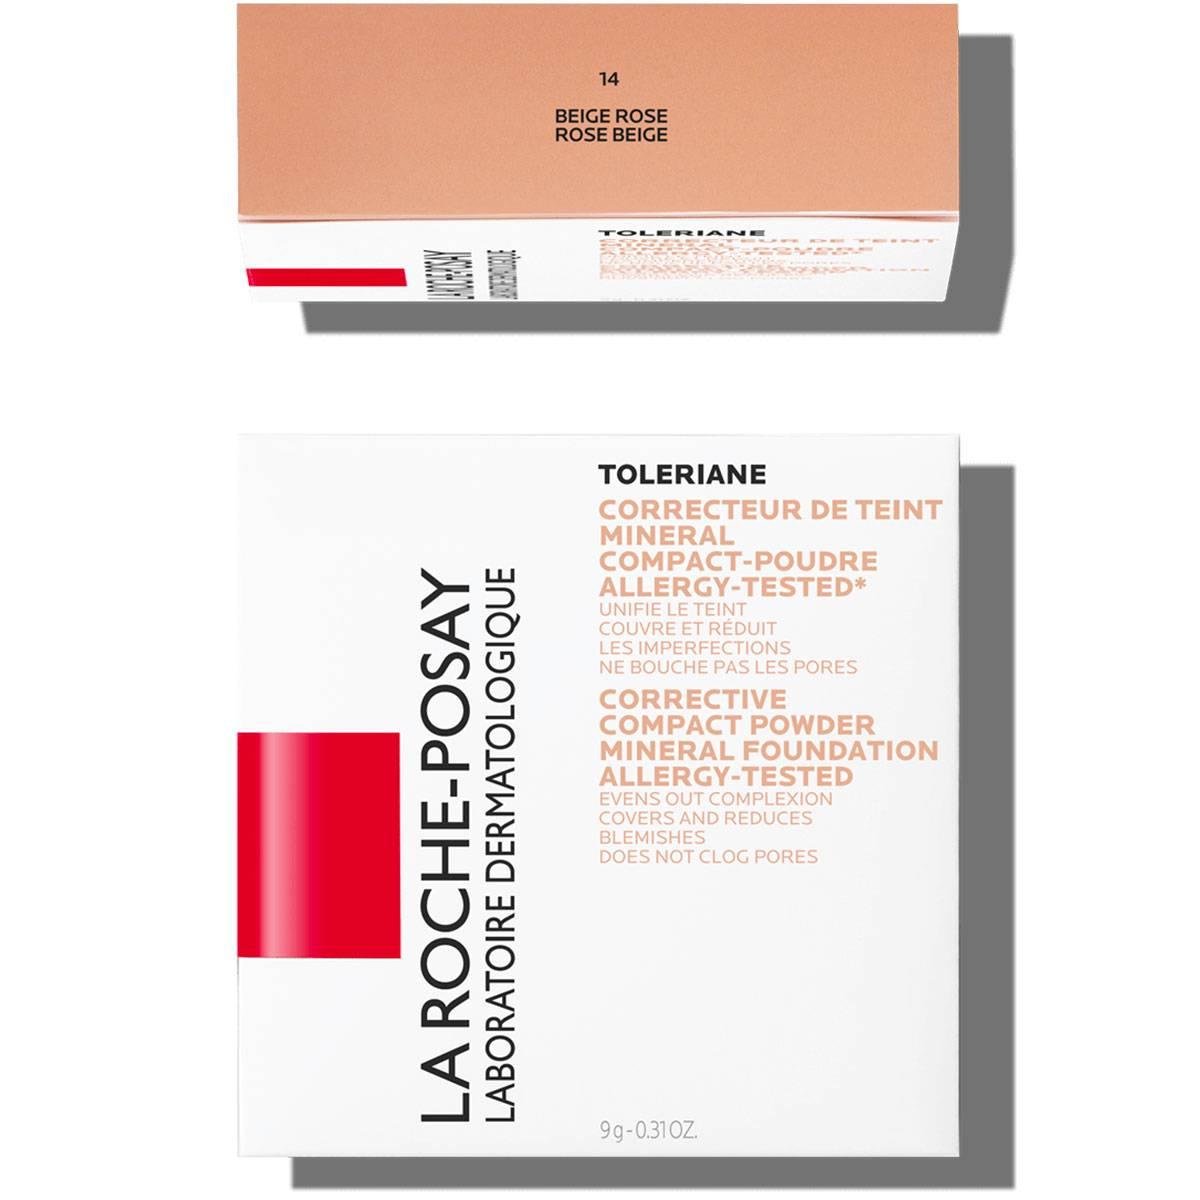 La Roche Posay Sensitiv Toleriane Makeup KOMPAKT PUDDER 14RoseBeige